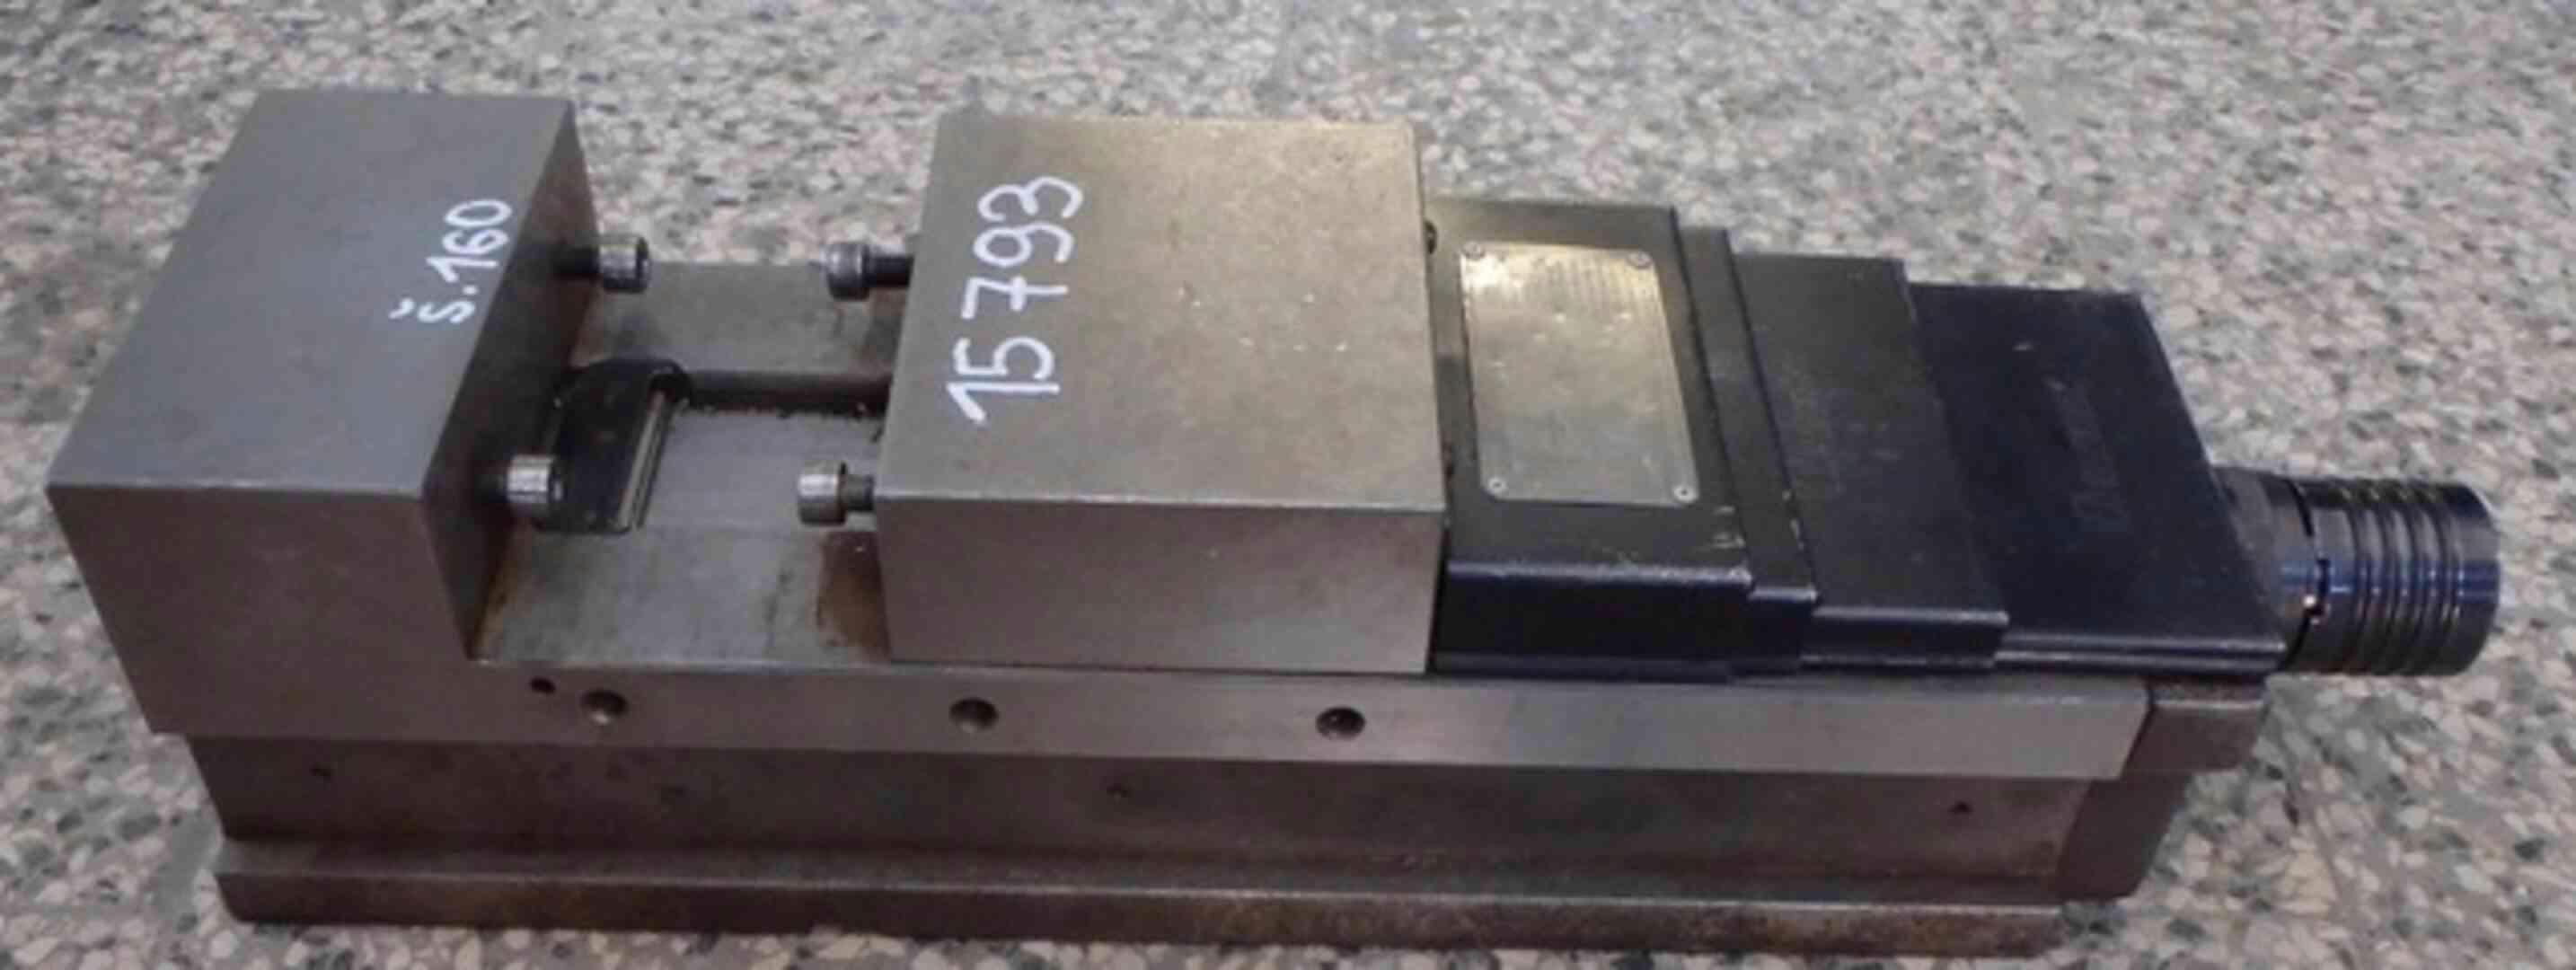 Hydraulický strojní svěrák CHV 160 V (9713.)  - foto 1